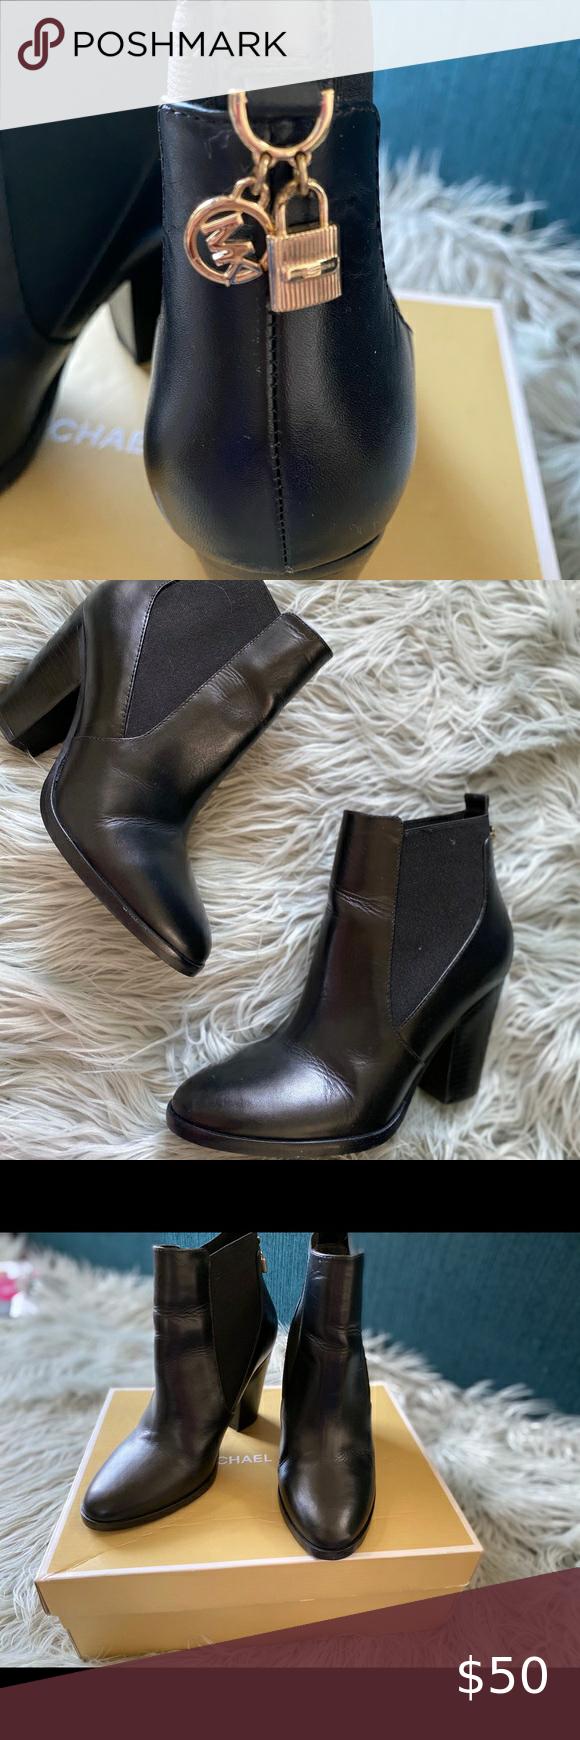 Michael Kors Jillian Bootie Leather in